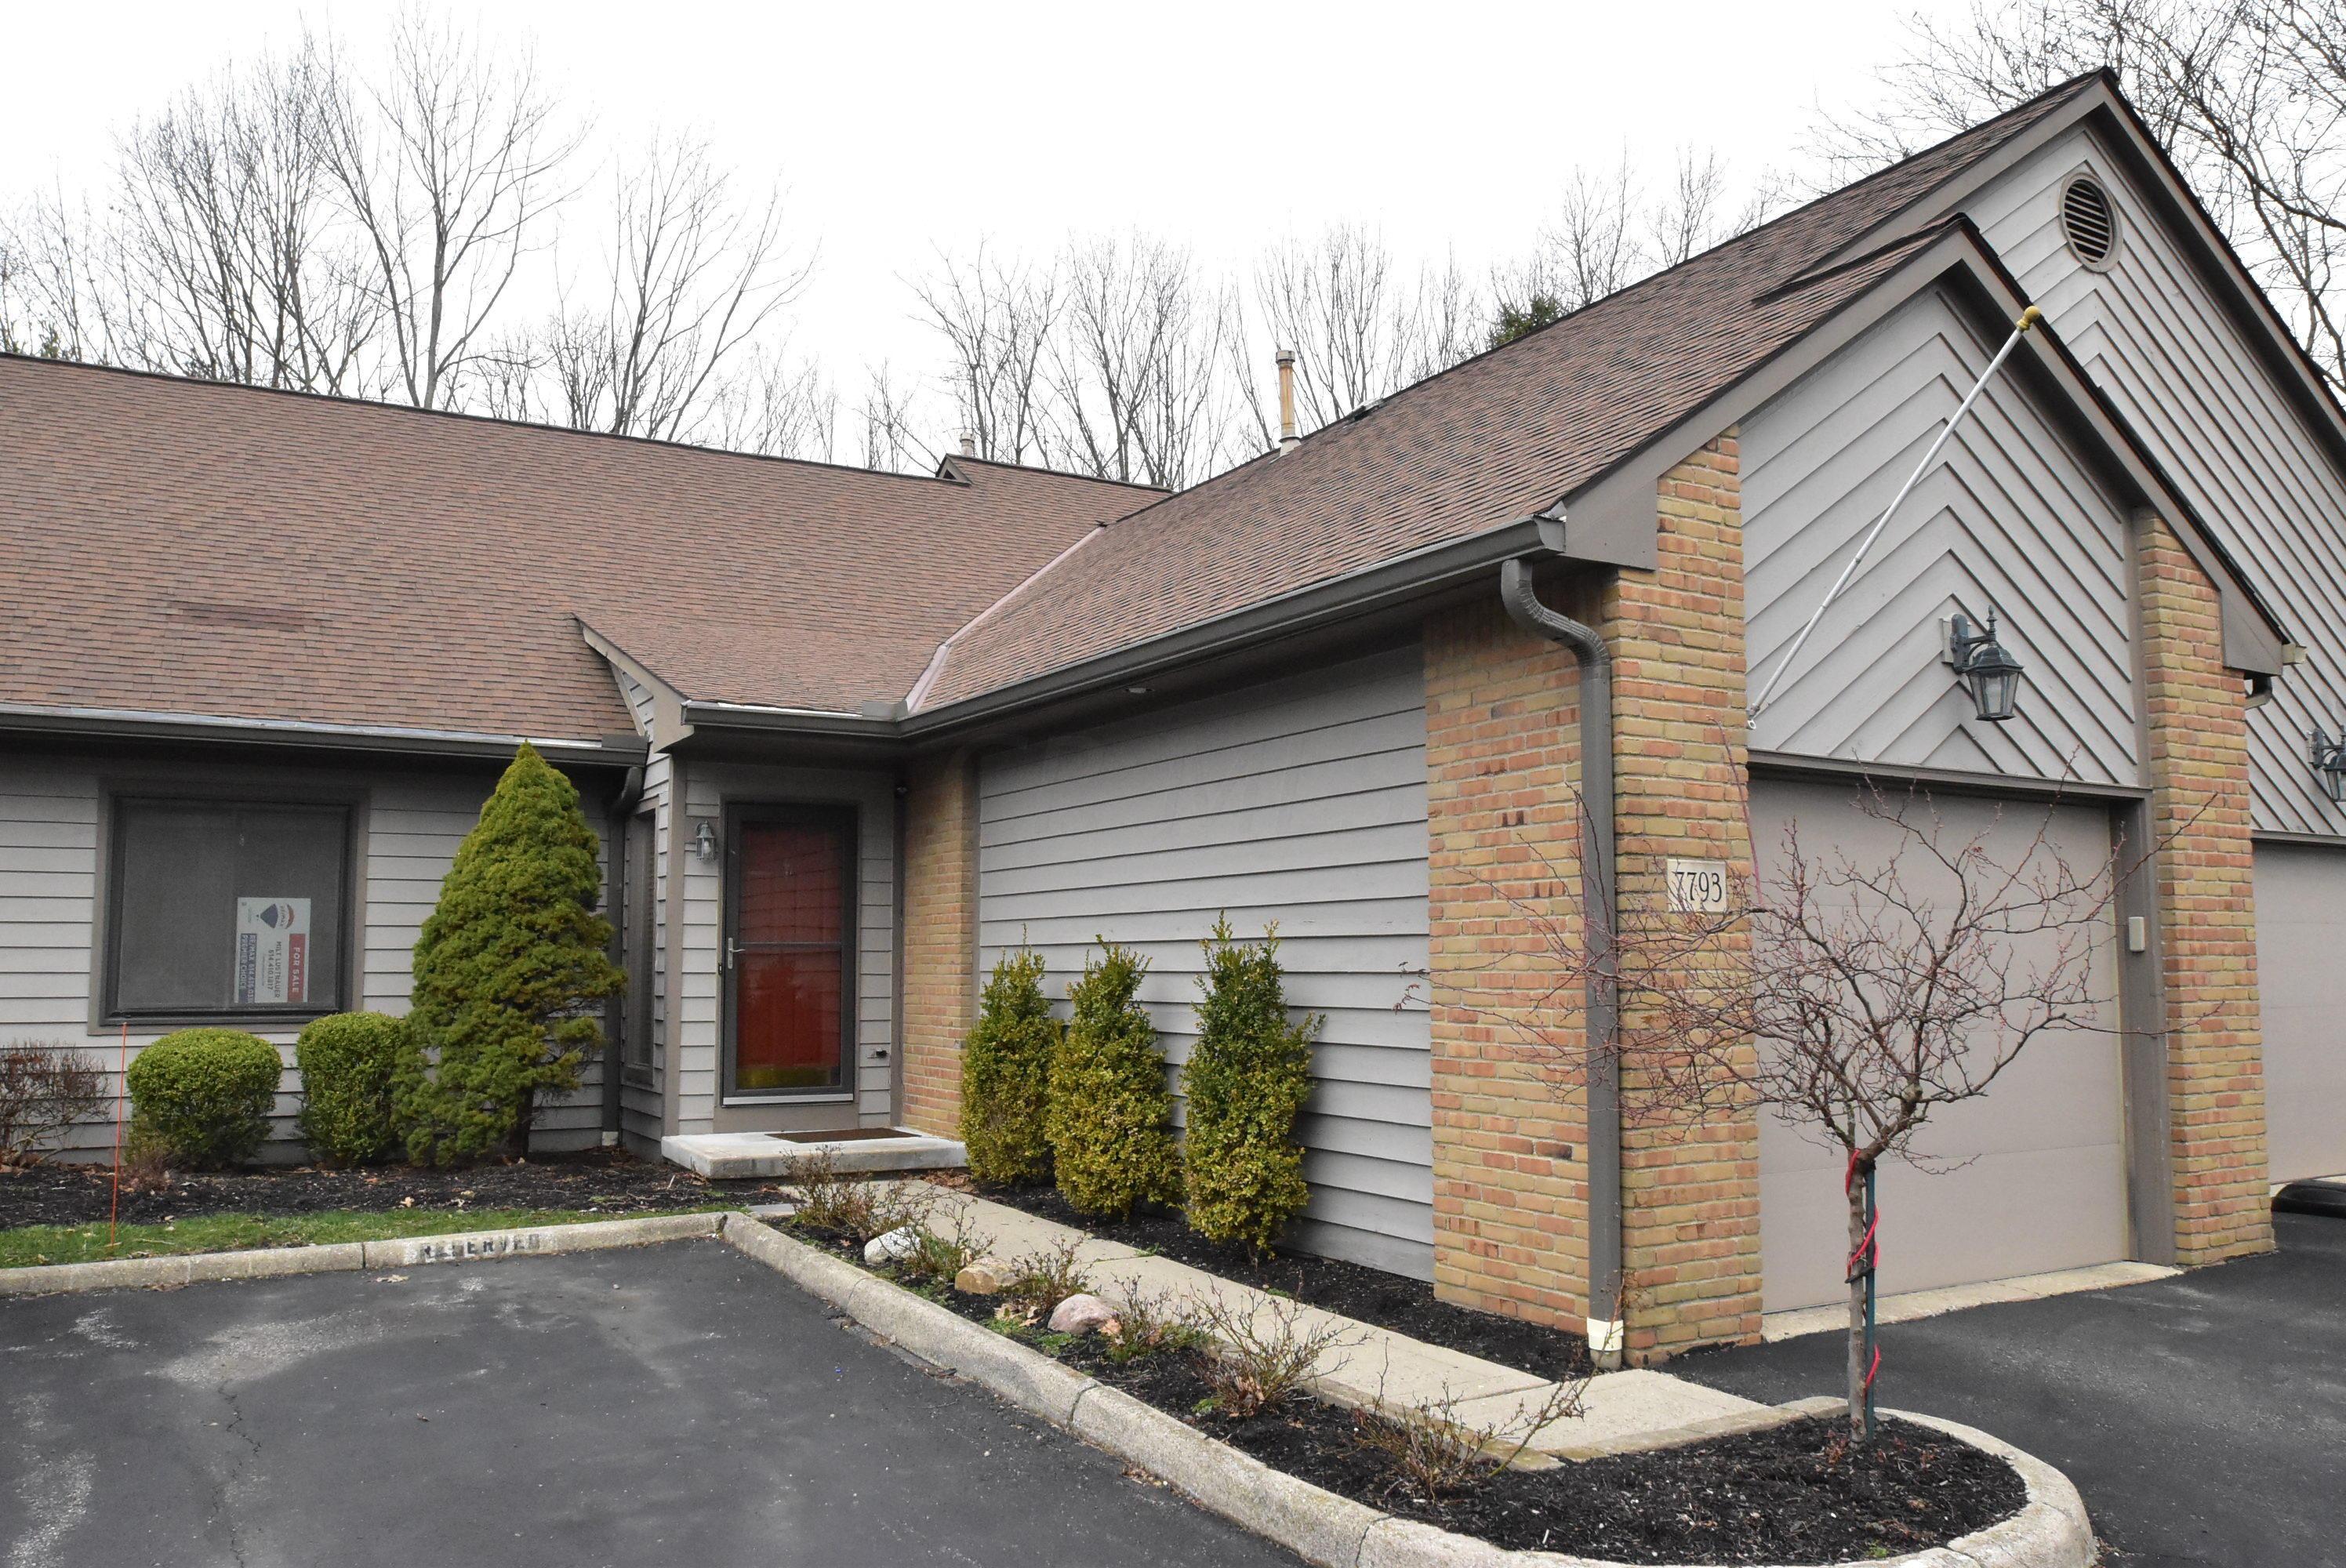 7793 Jaymes Street, Dublin, Ohio 43017, 3 Bedrooms Bedrooms, ,3 BathroomsBathrooms,Residential,For Sale,Jaymes,220008131